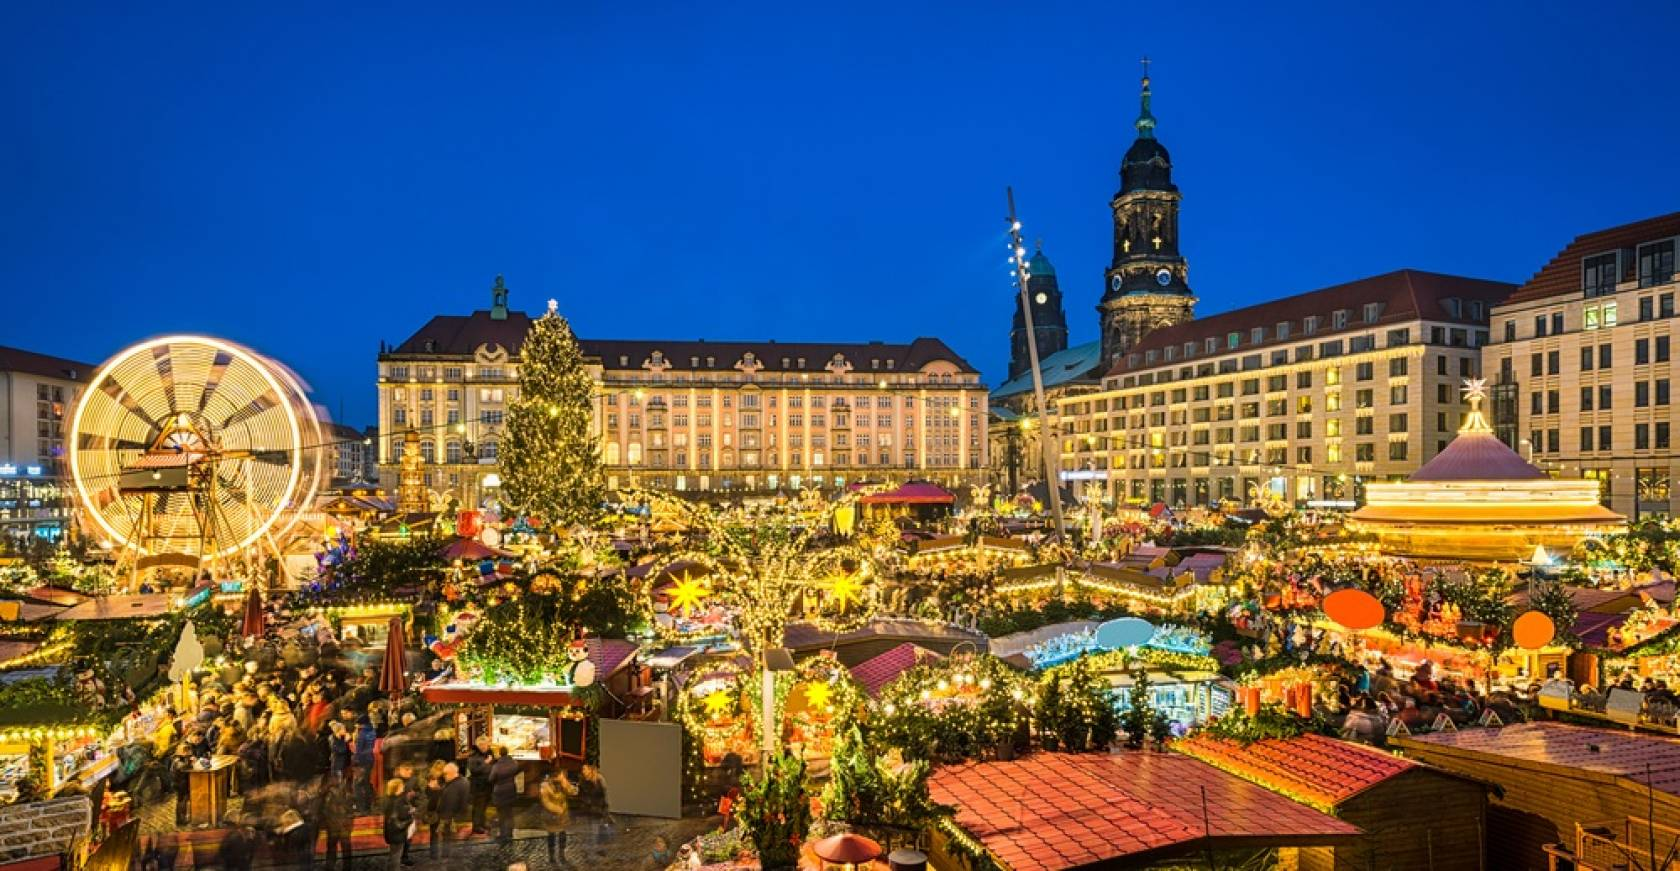 冬のドイツ旅行☆ドイツ伝統のクリスマスマーケット